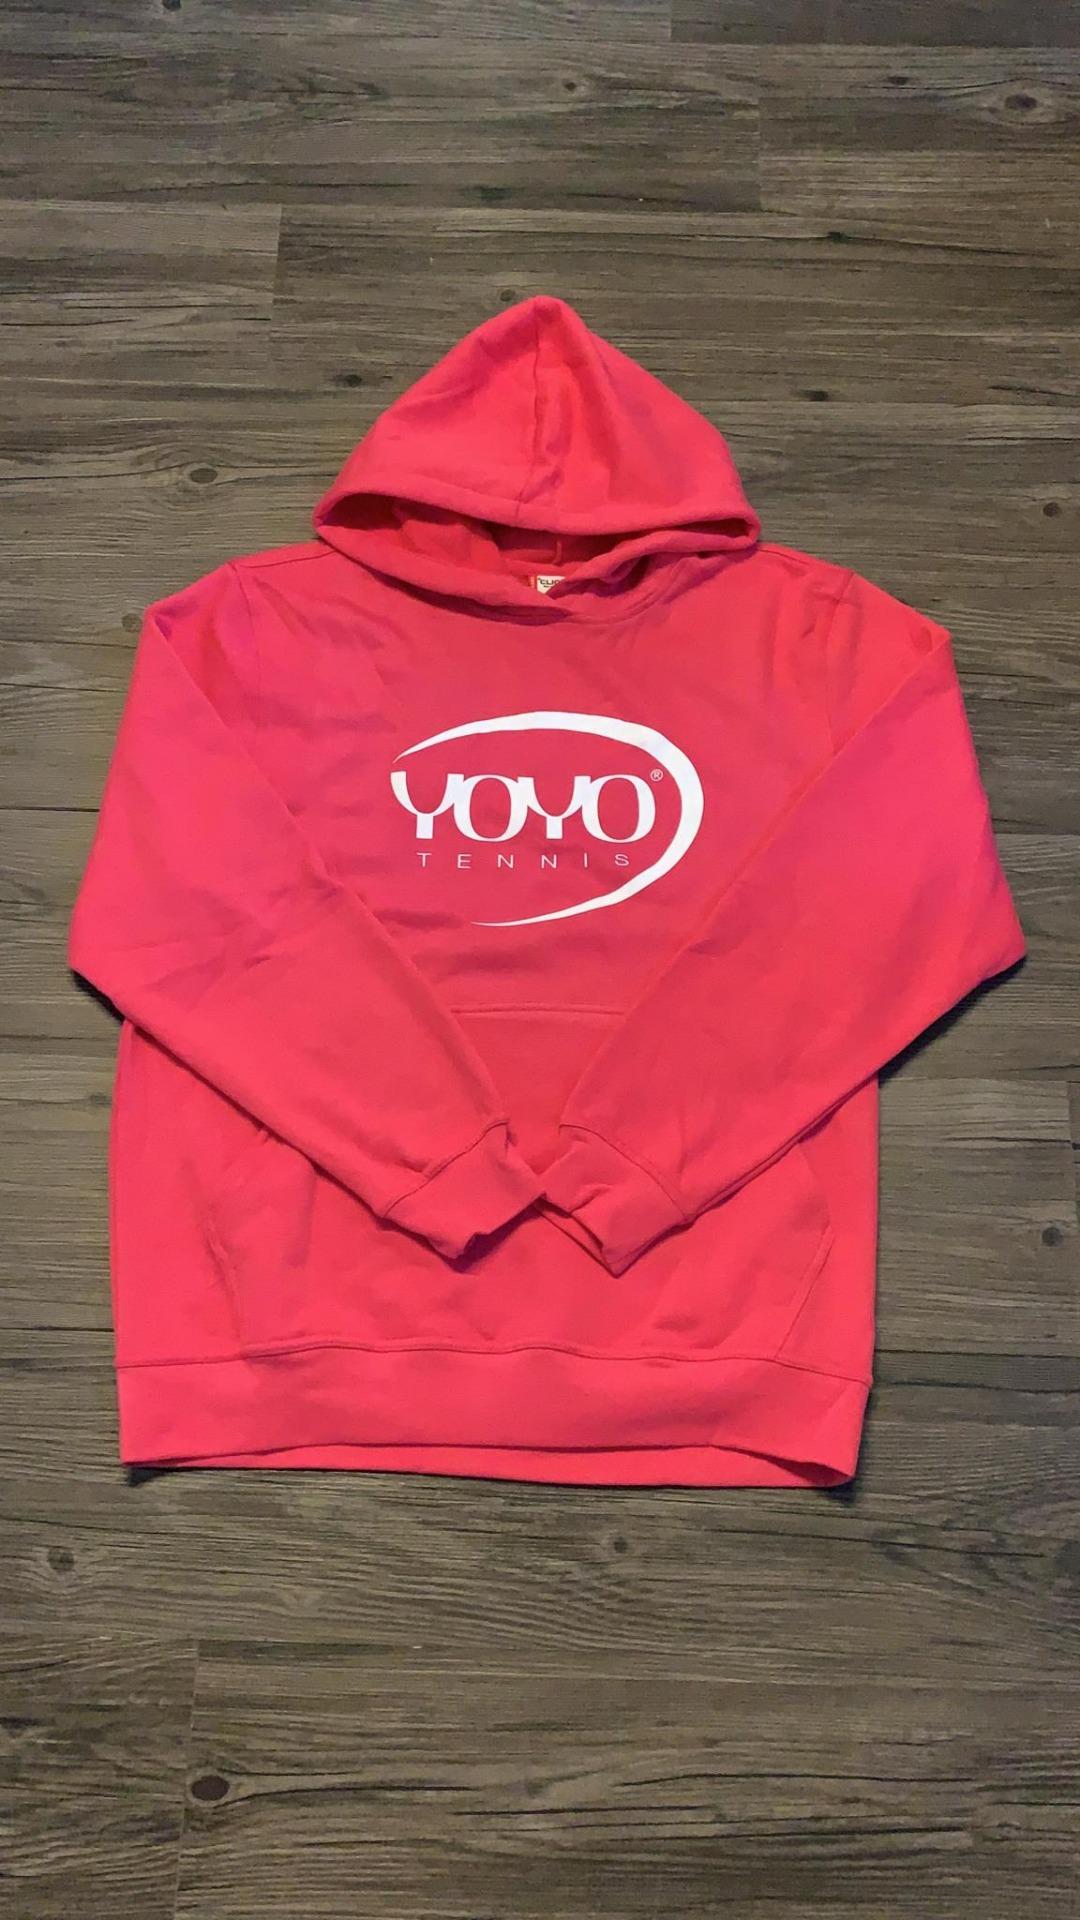 YOYO-TENNIS Hoody Pink con Logo Rosa